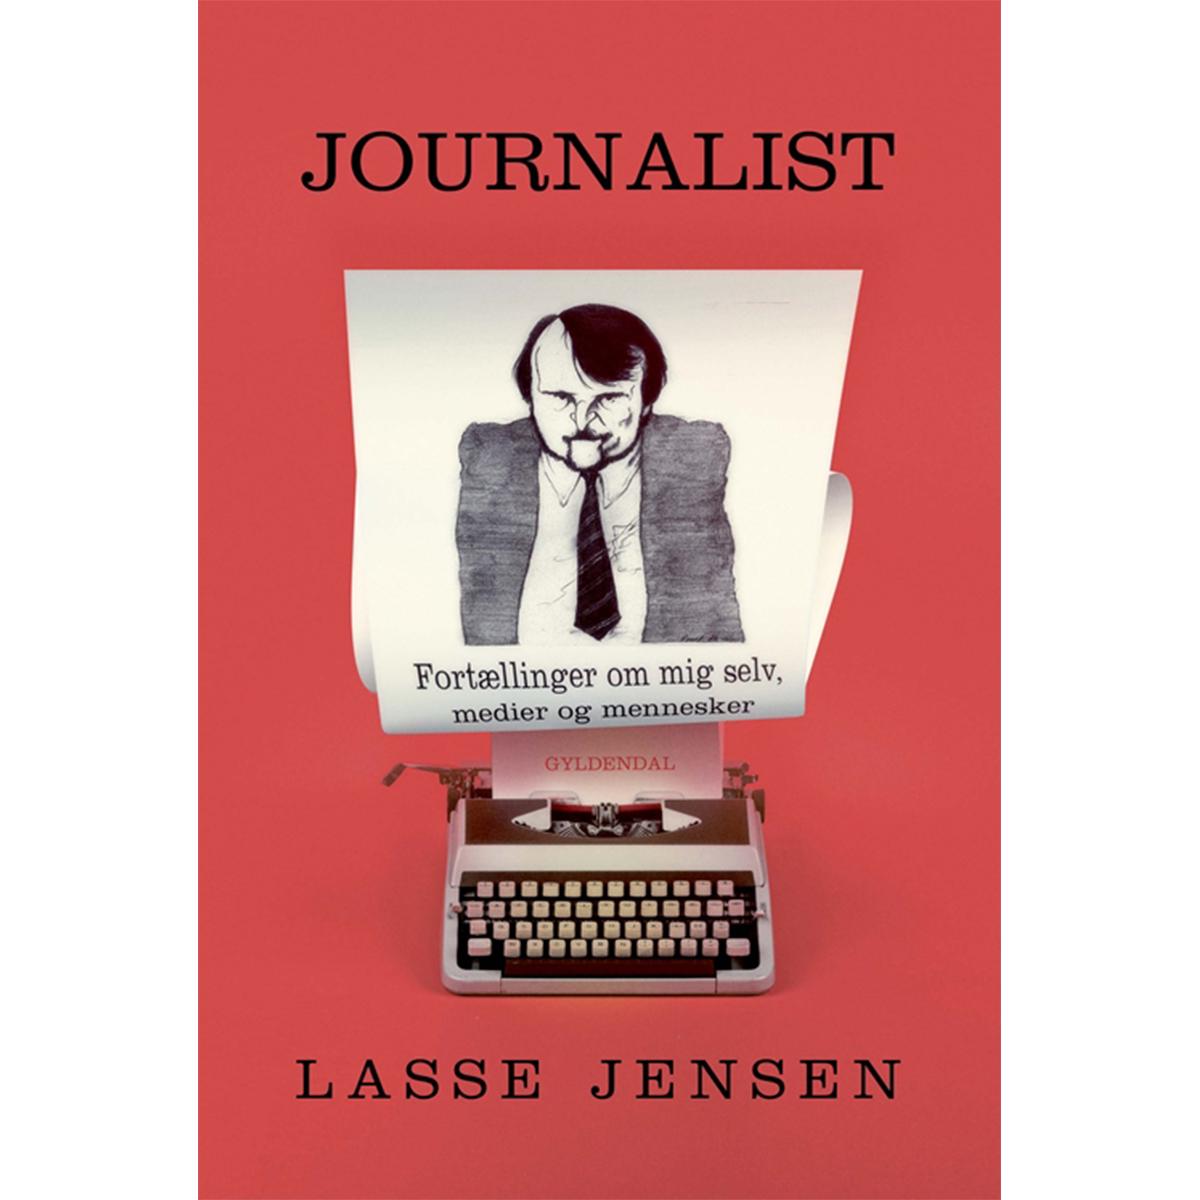 Journalist - Fortællinger om mig selv, medier og mennesker - Indbundet